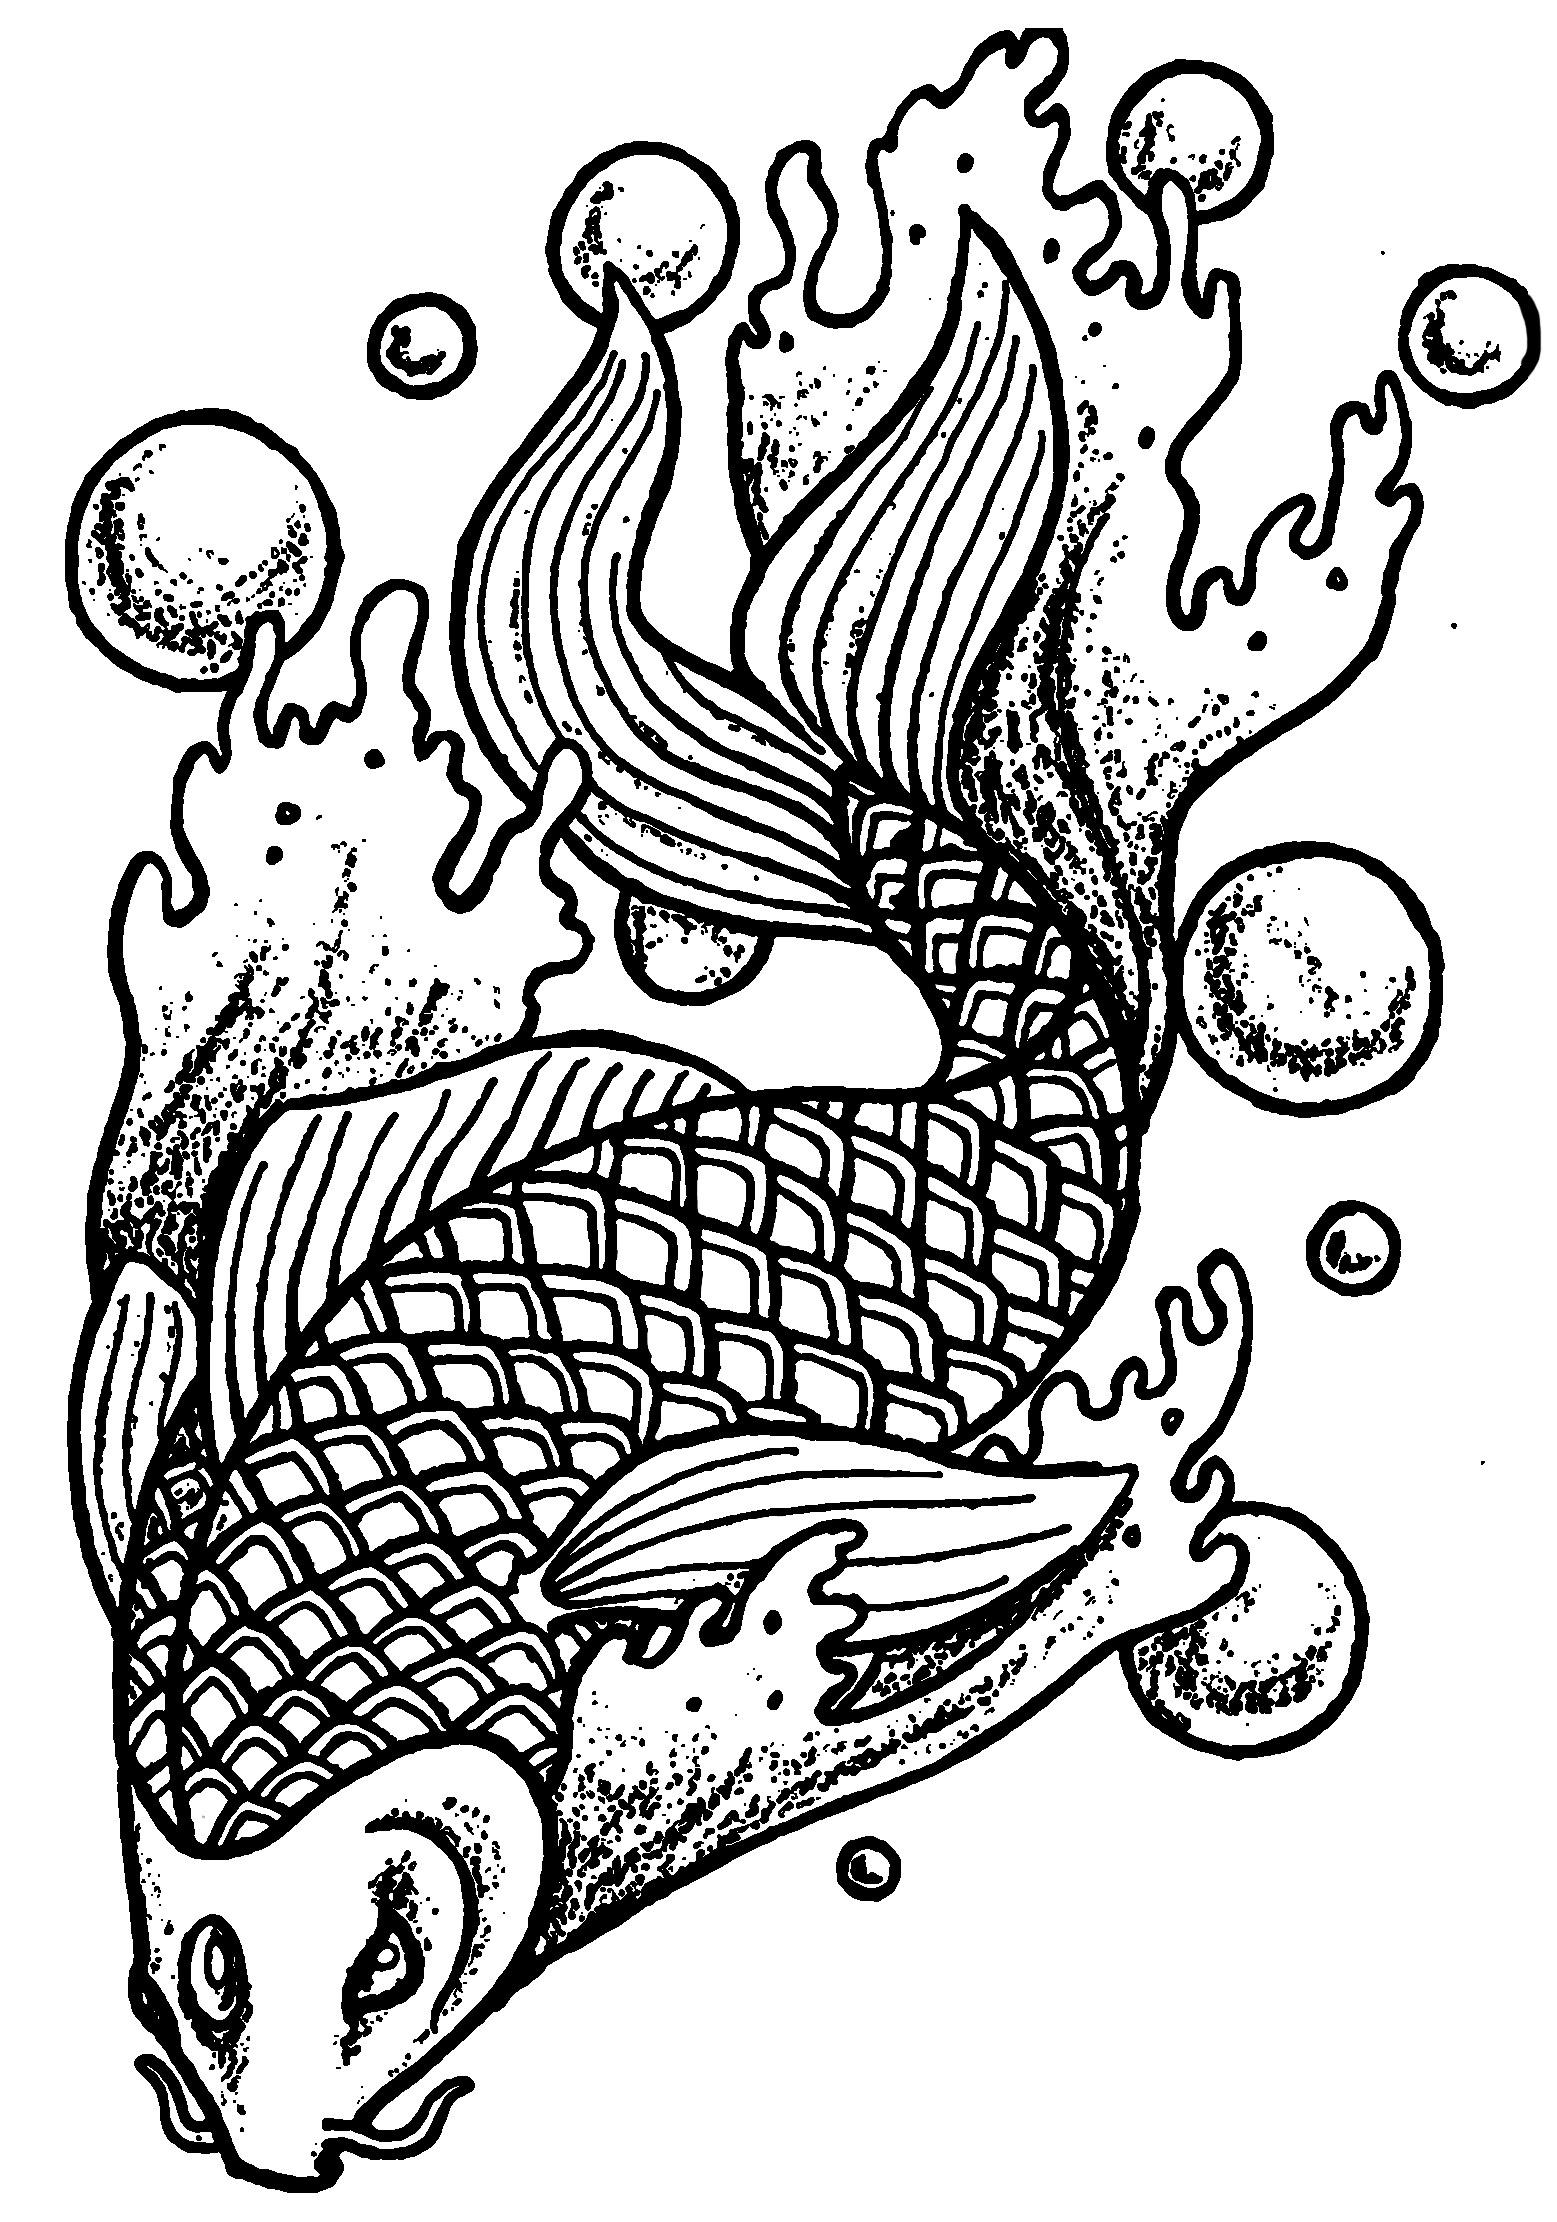 Coloriage de poissons à imprimer gratuitement - Coloriage ...